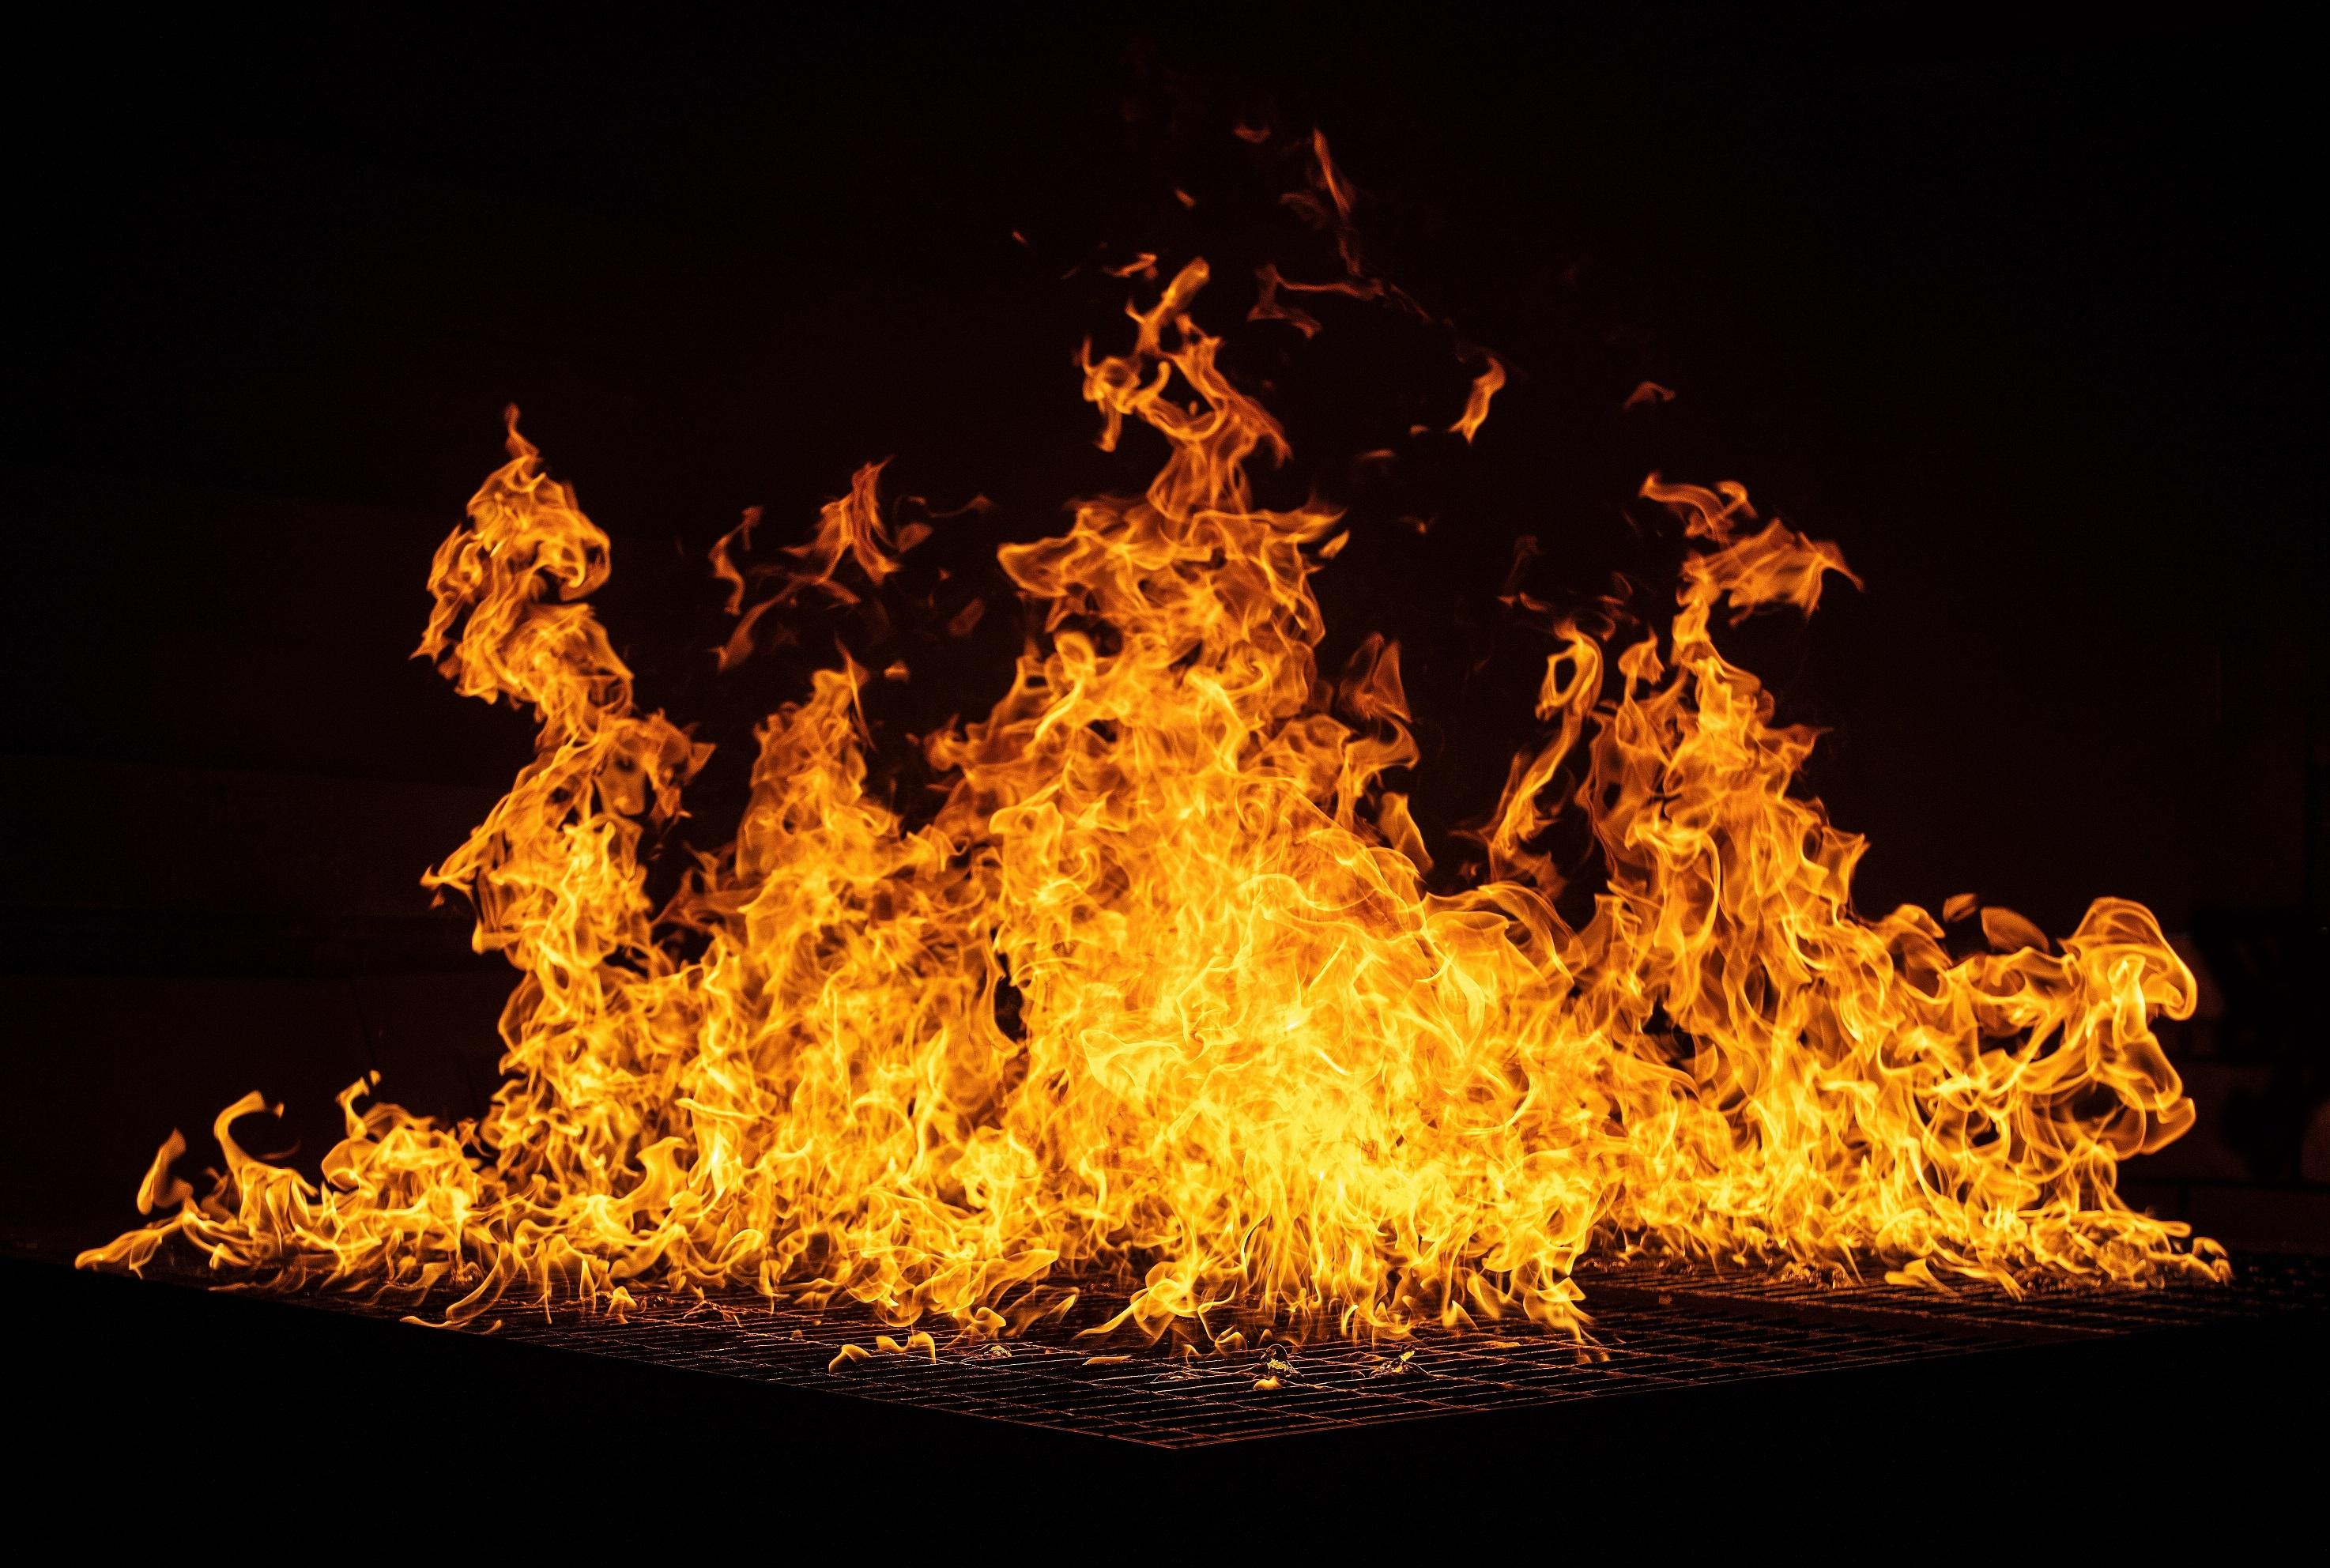 לשרוף אגוזים ולהציל את יערות הגשם